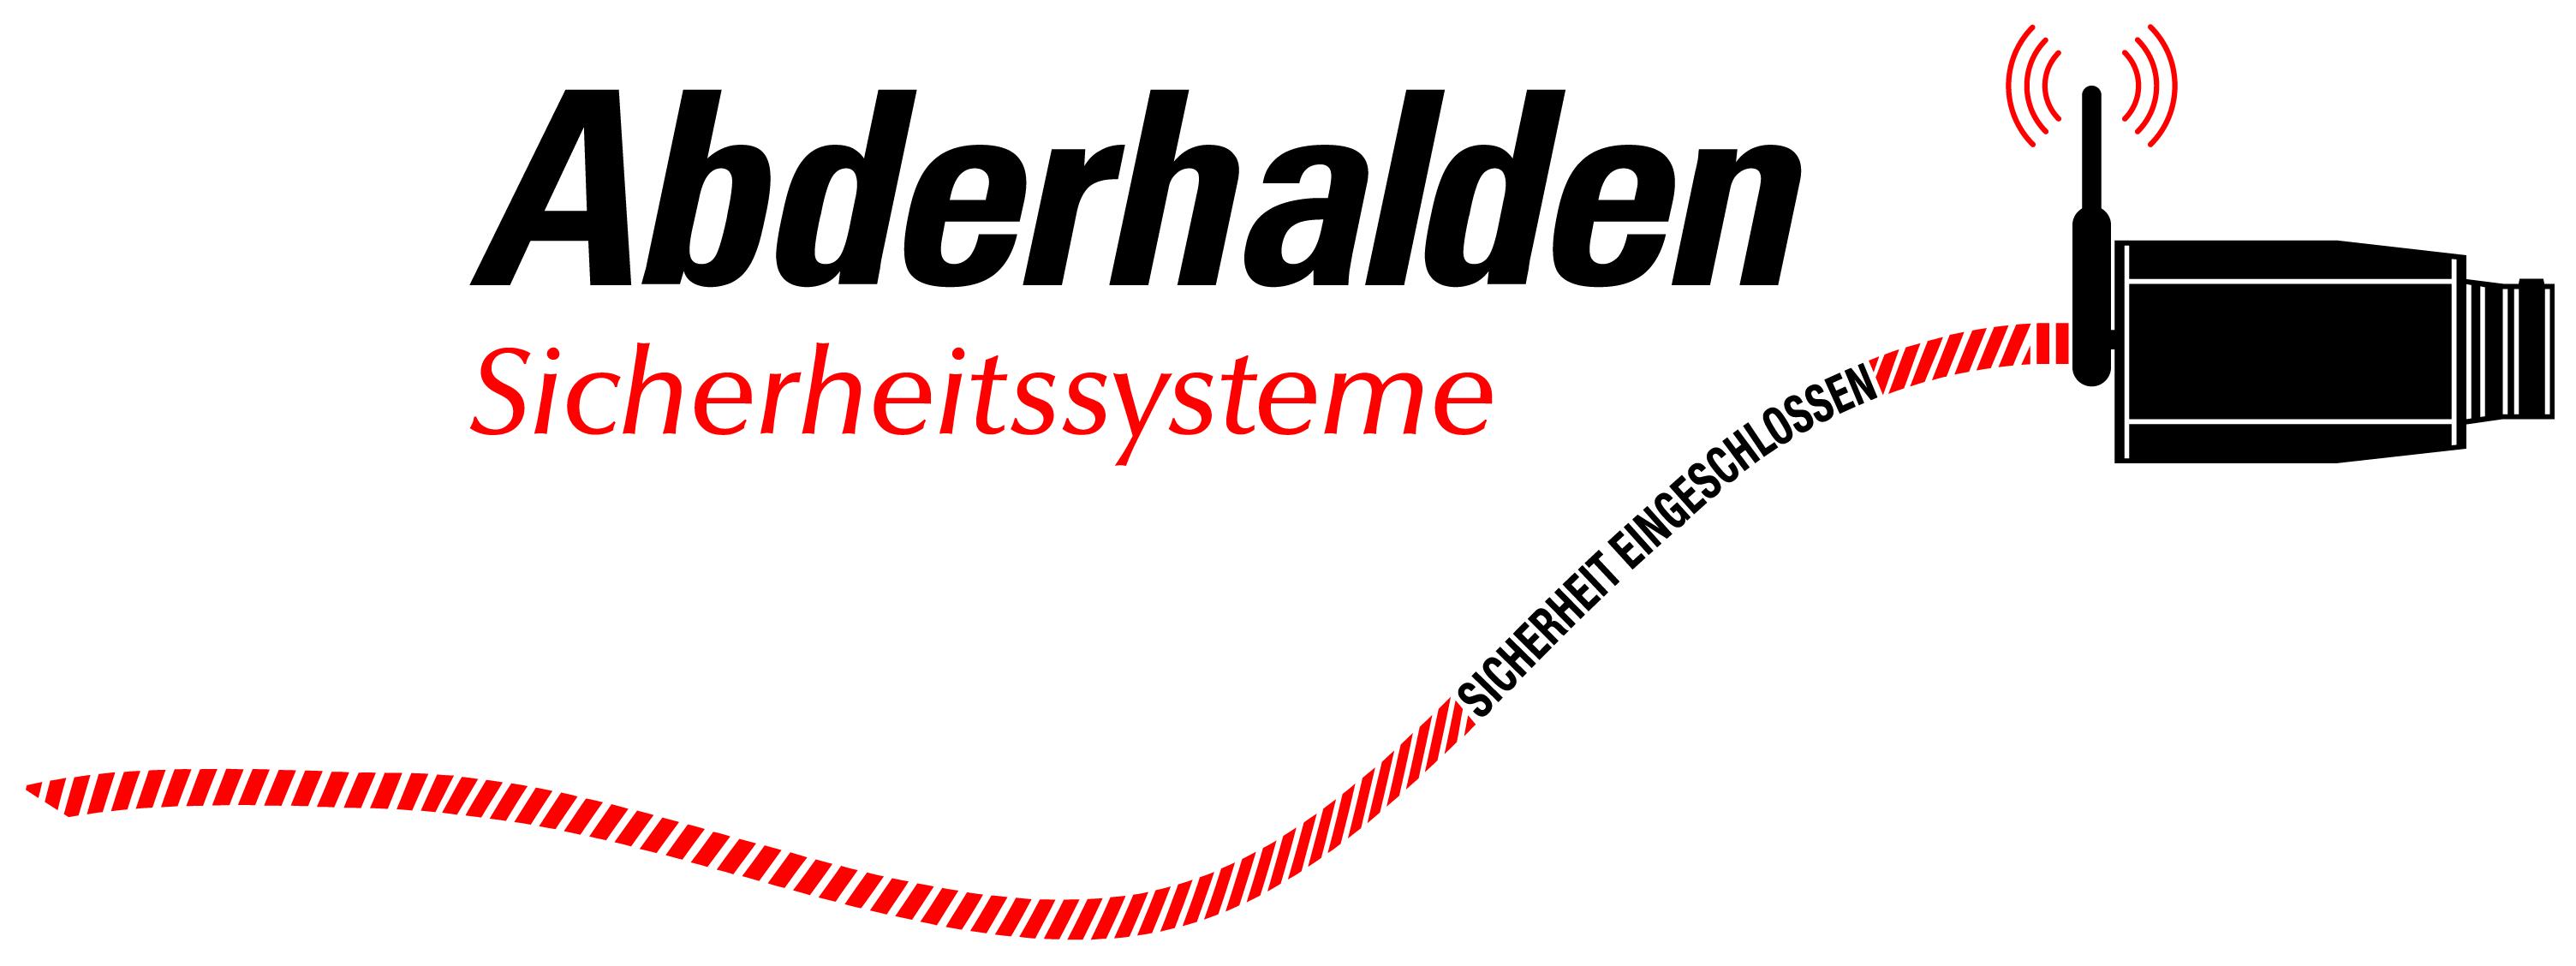 Abderhalden E.